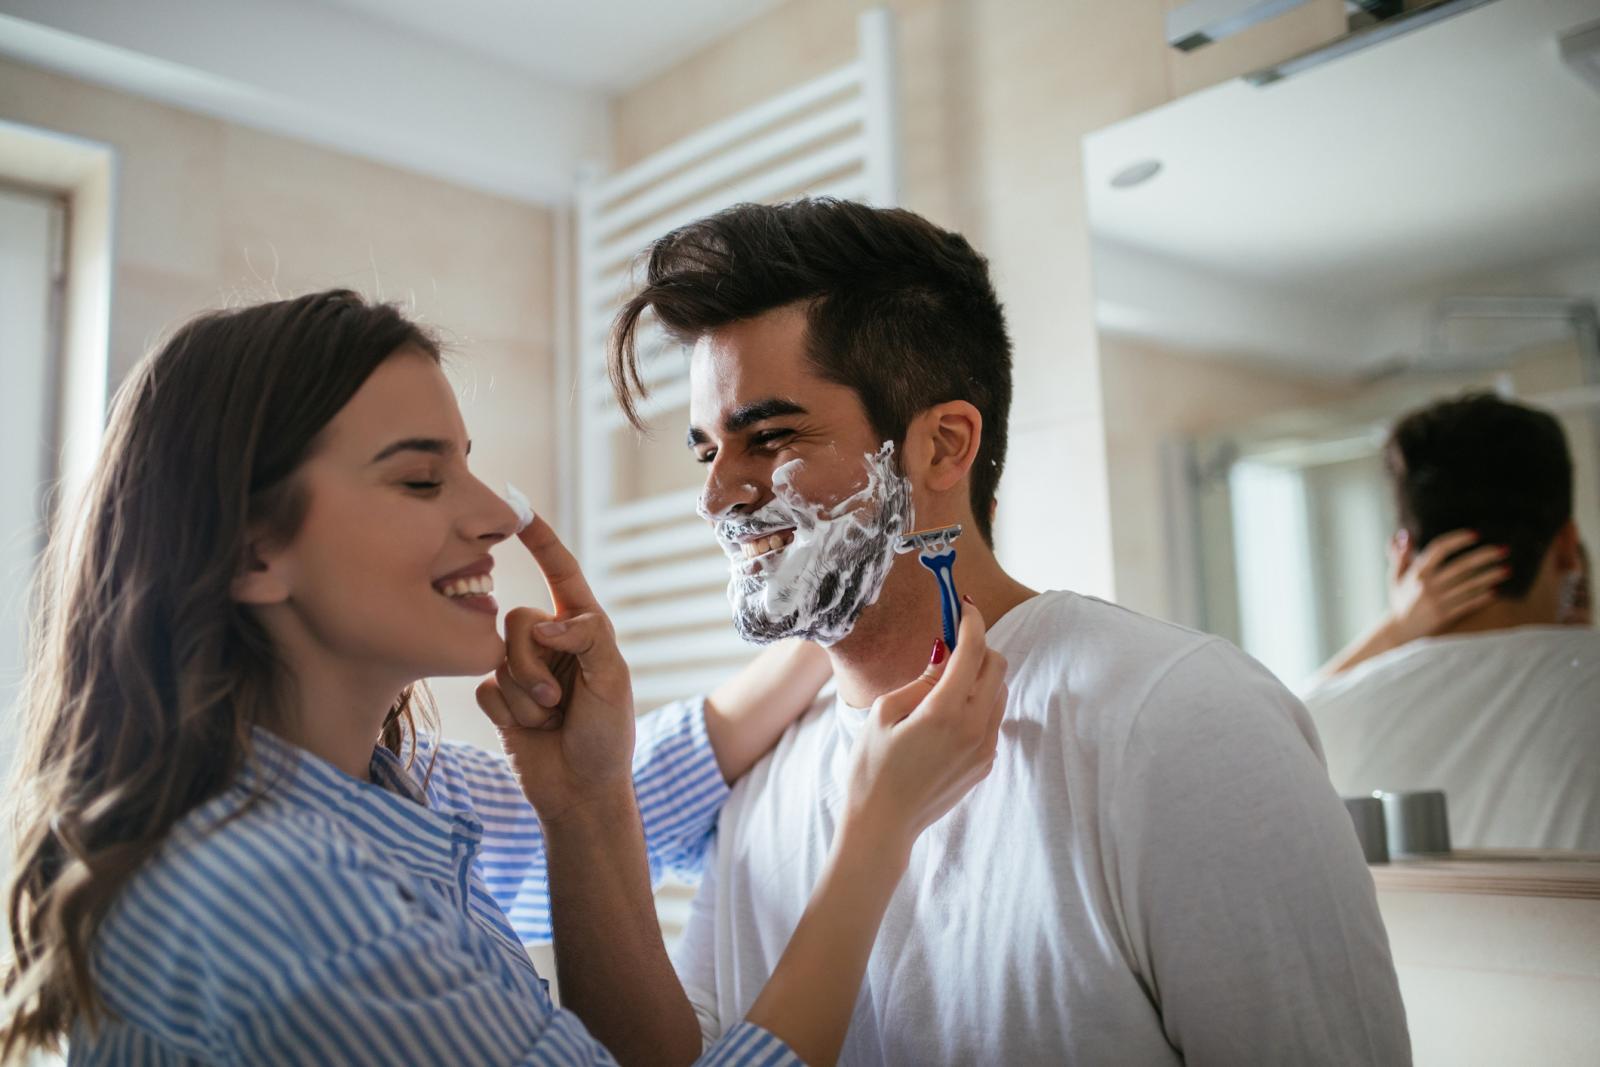 Jednom kad usvojite rutinu savršenog brijanja, vidjet ćete da nije bilo tako teško.